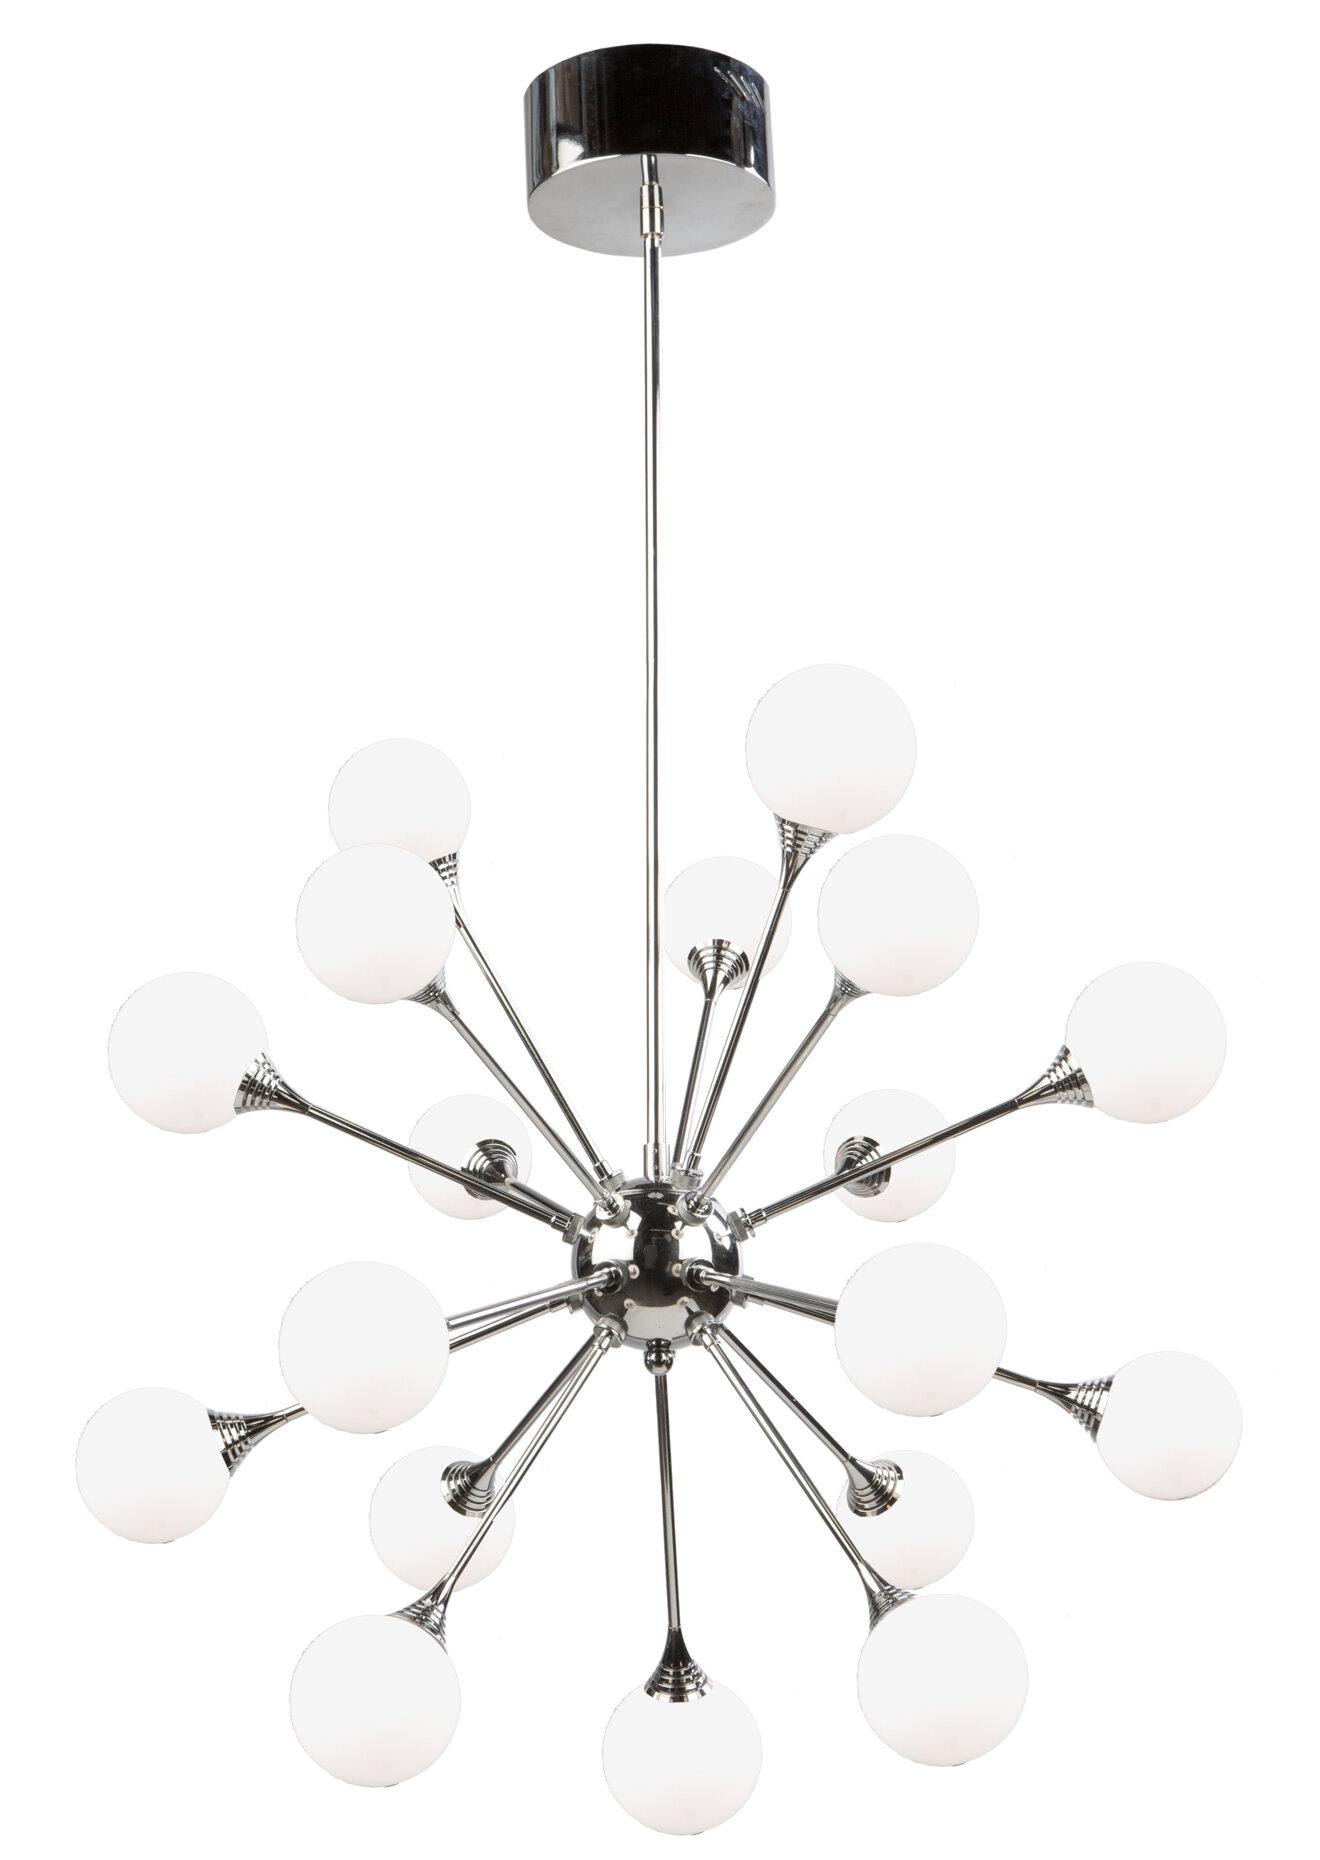 half off 0dd2c d38bc Luna 18-Light LED Sputnik Chandelier